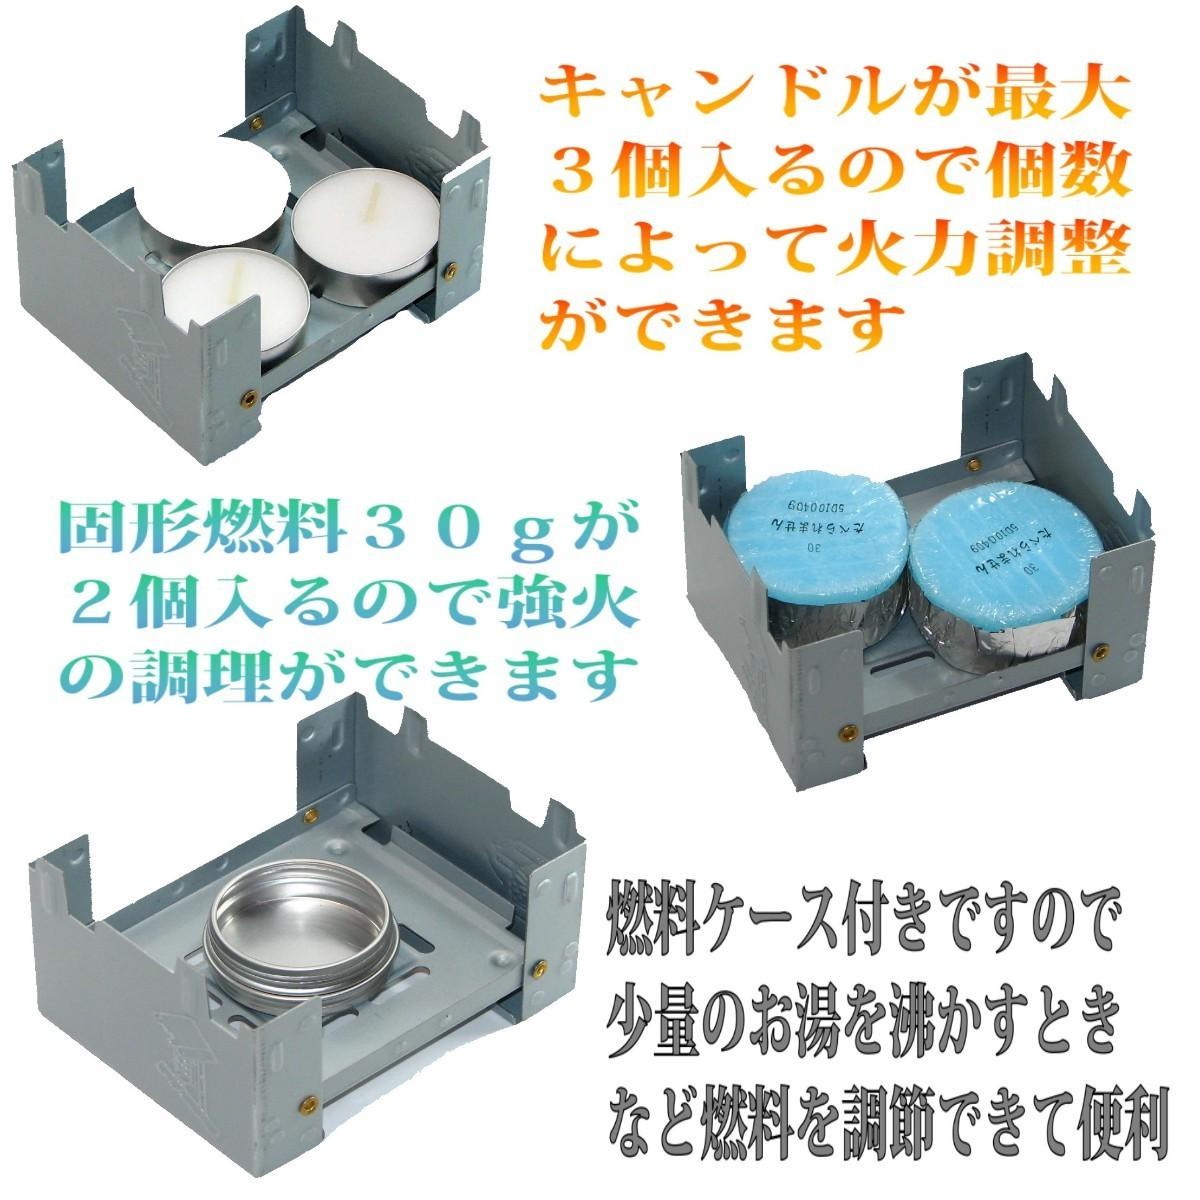 コンロ グリル 燃料ケース コンパクト ミニ ポケットコンロ セット